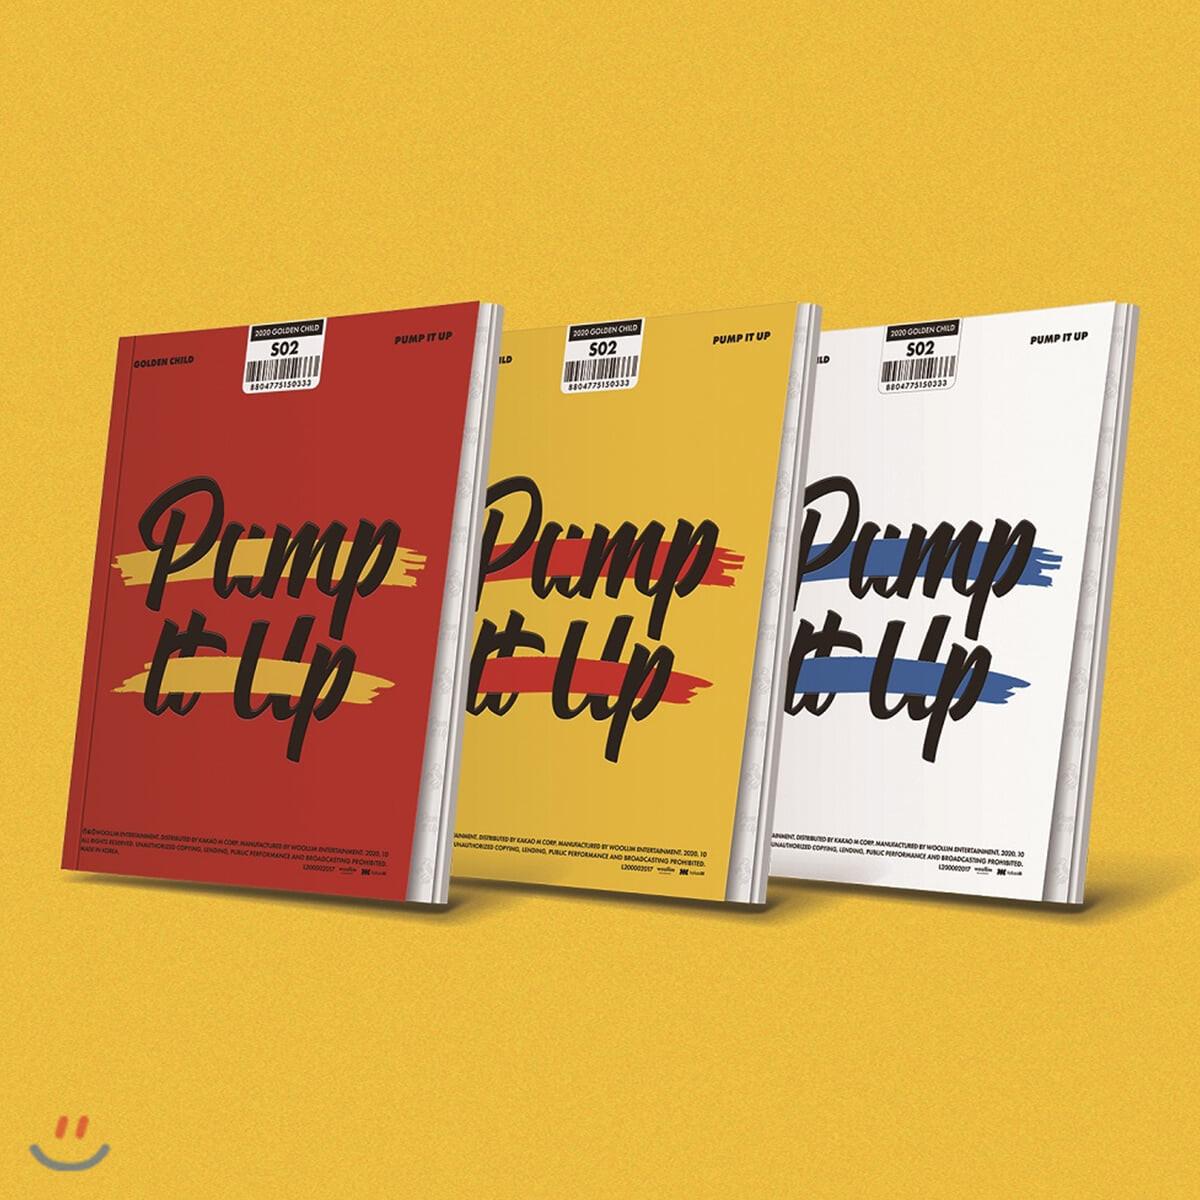 골든차일드 (Golden Child) - Pump It Up [A ver.]